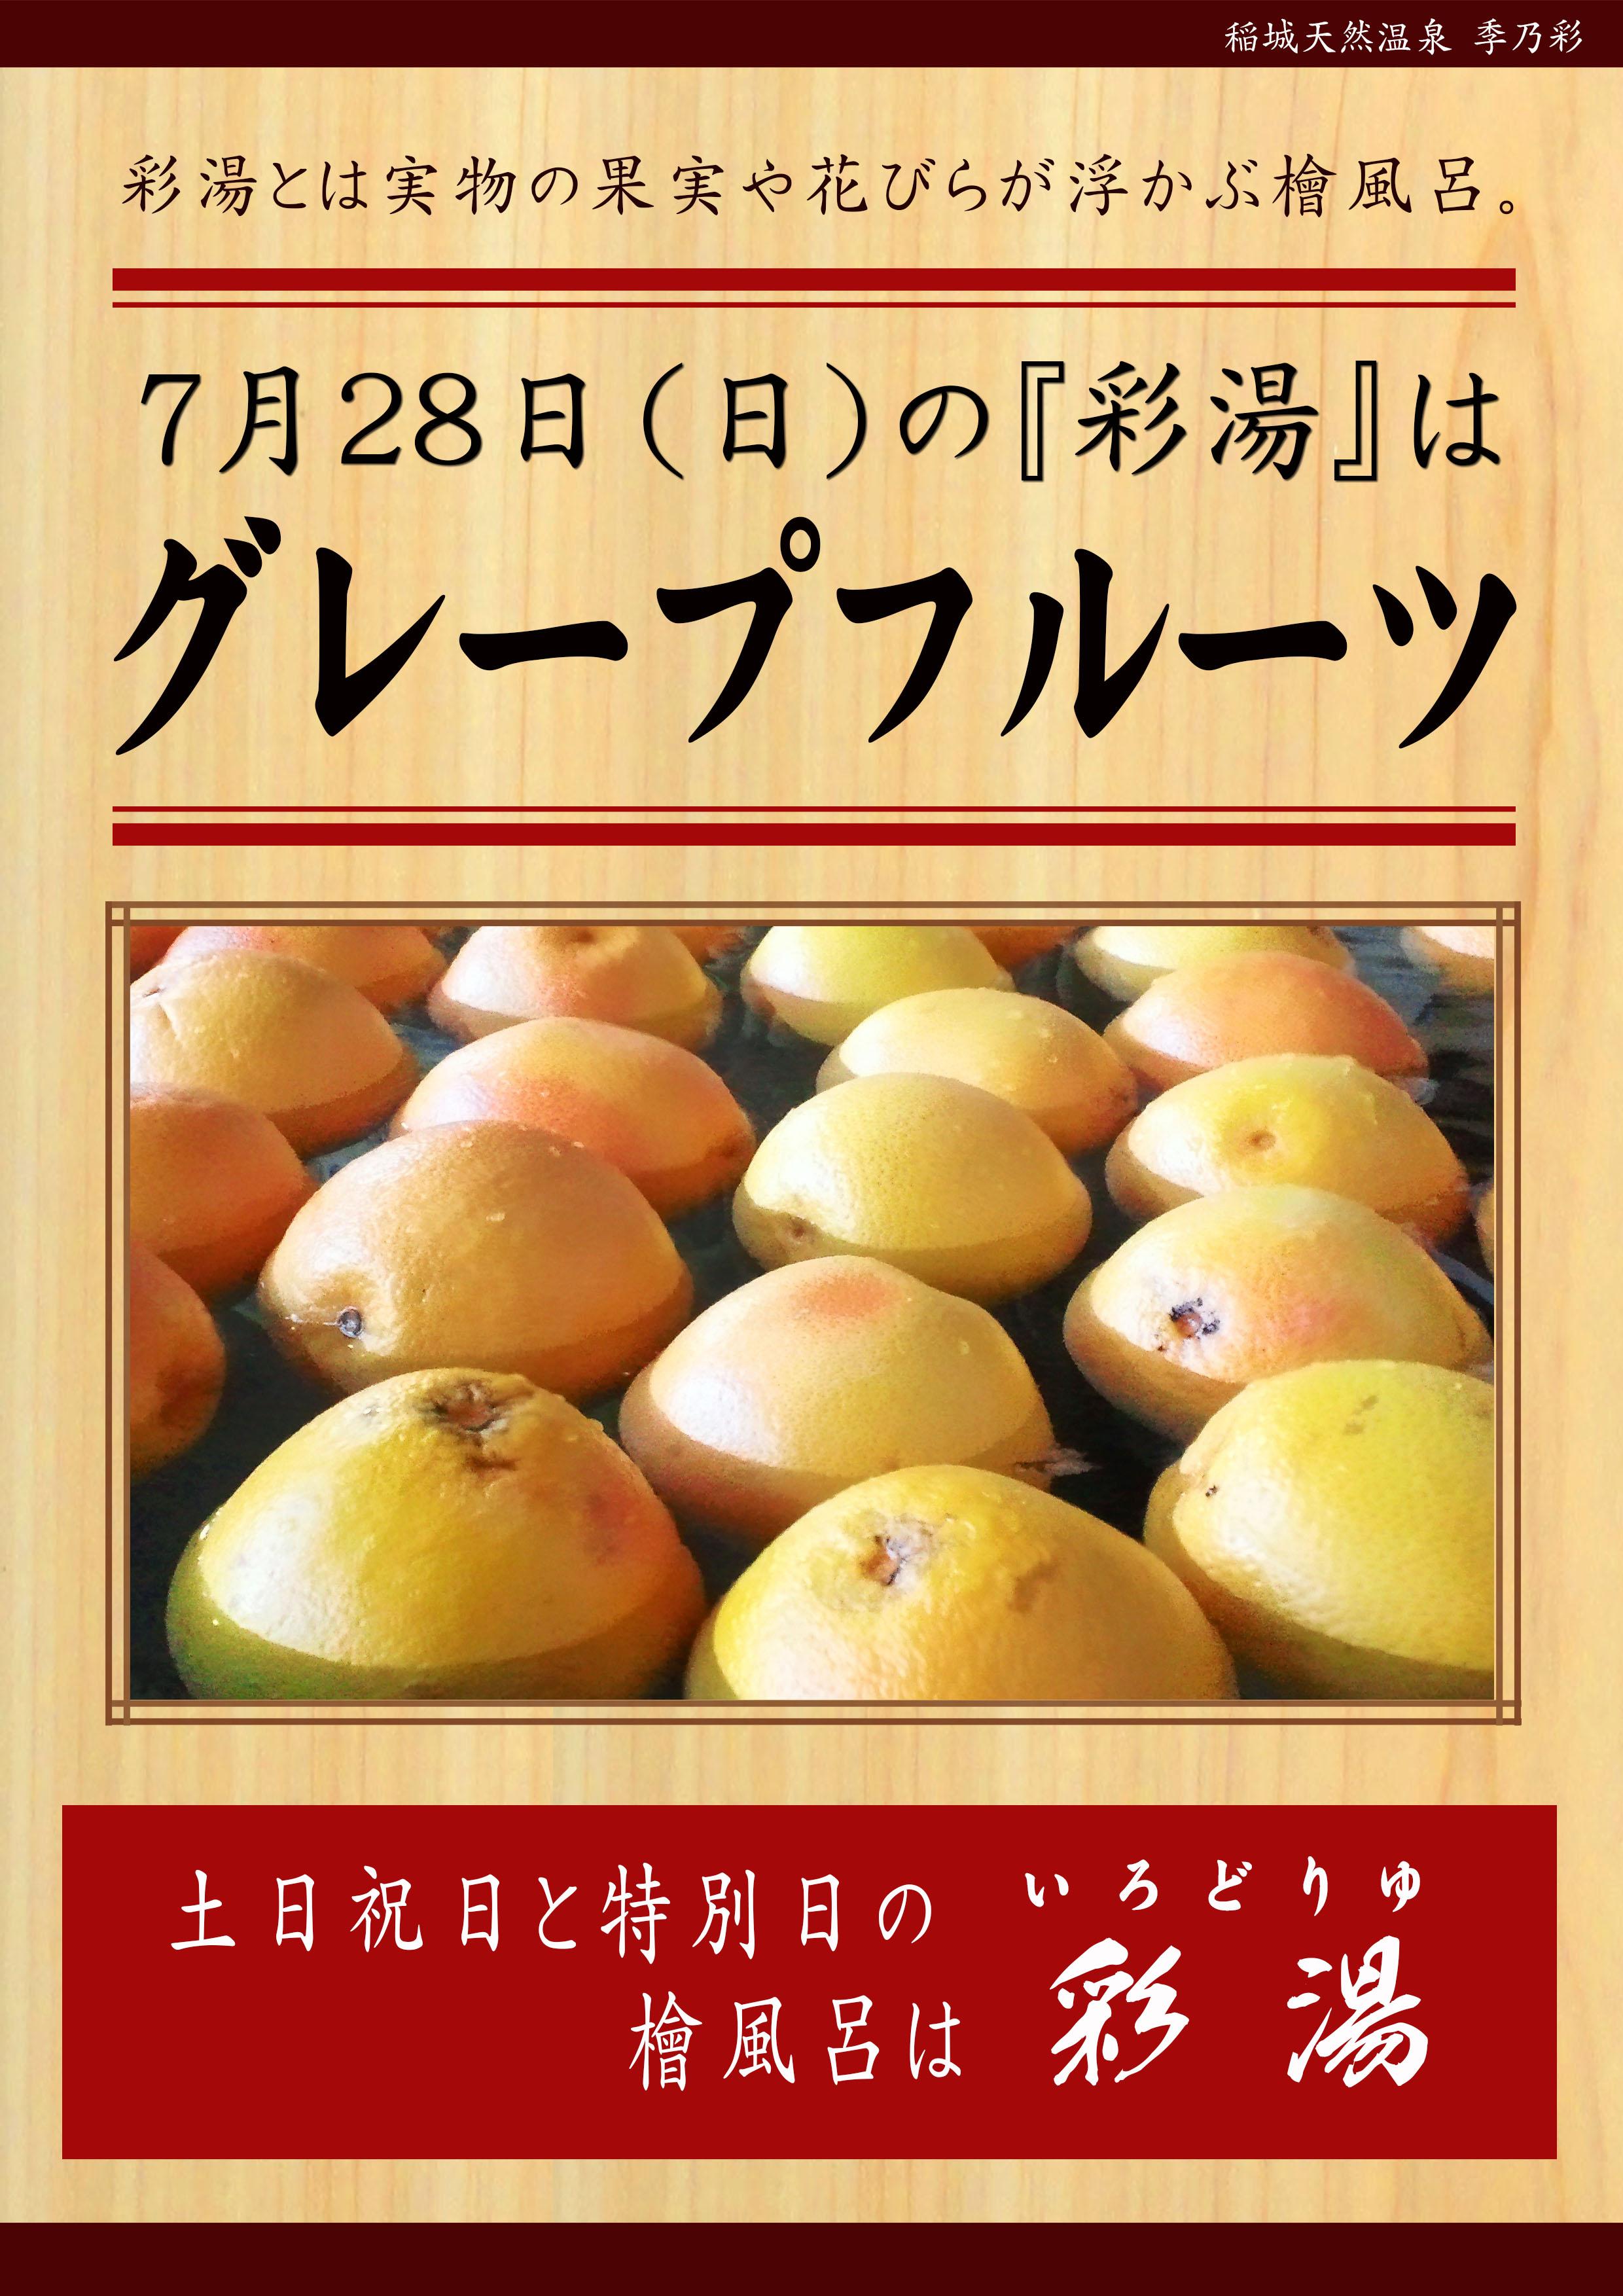 190728 彩湯 グレープフルーツ